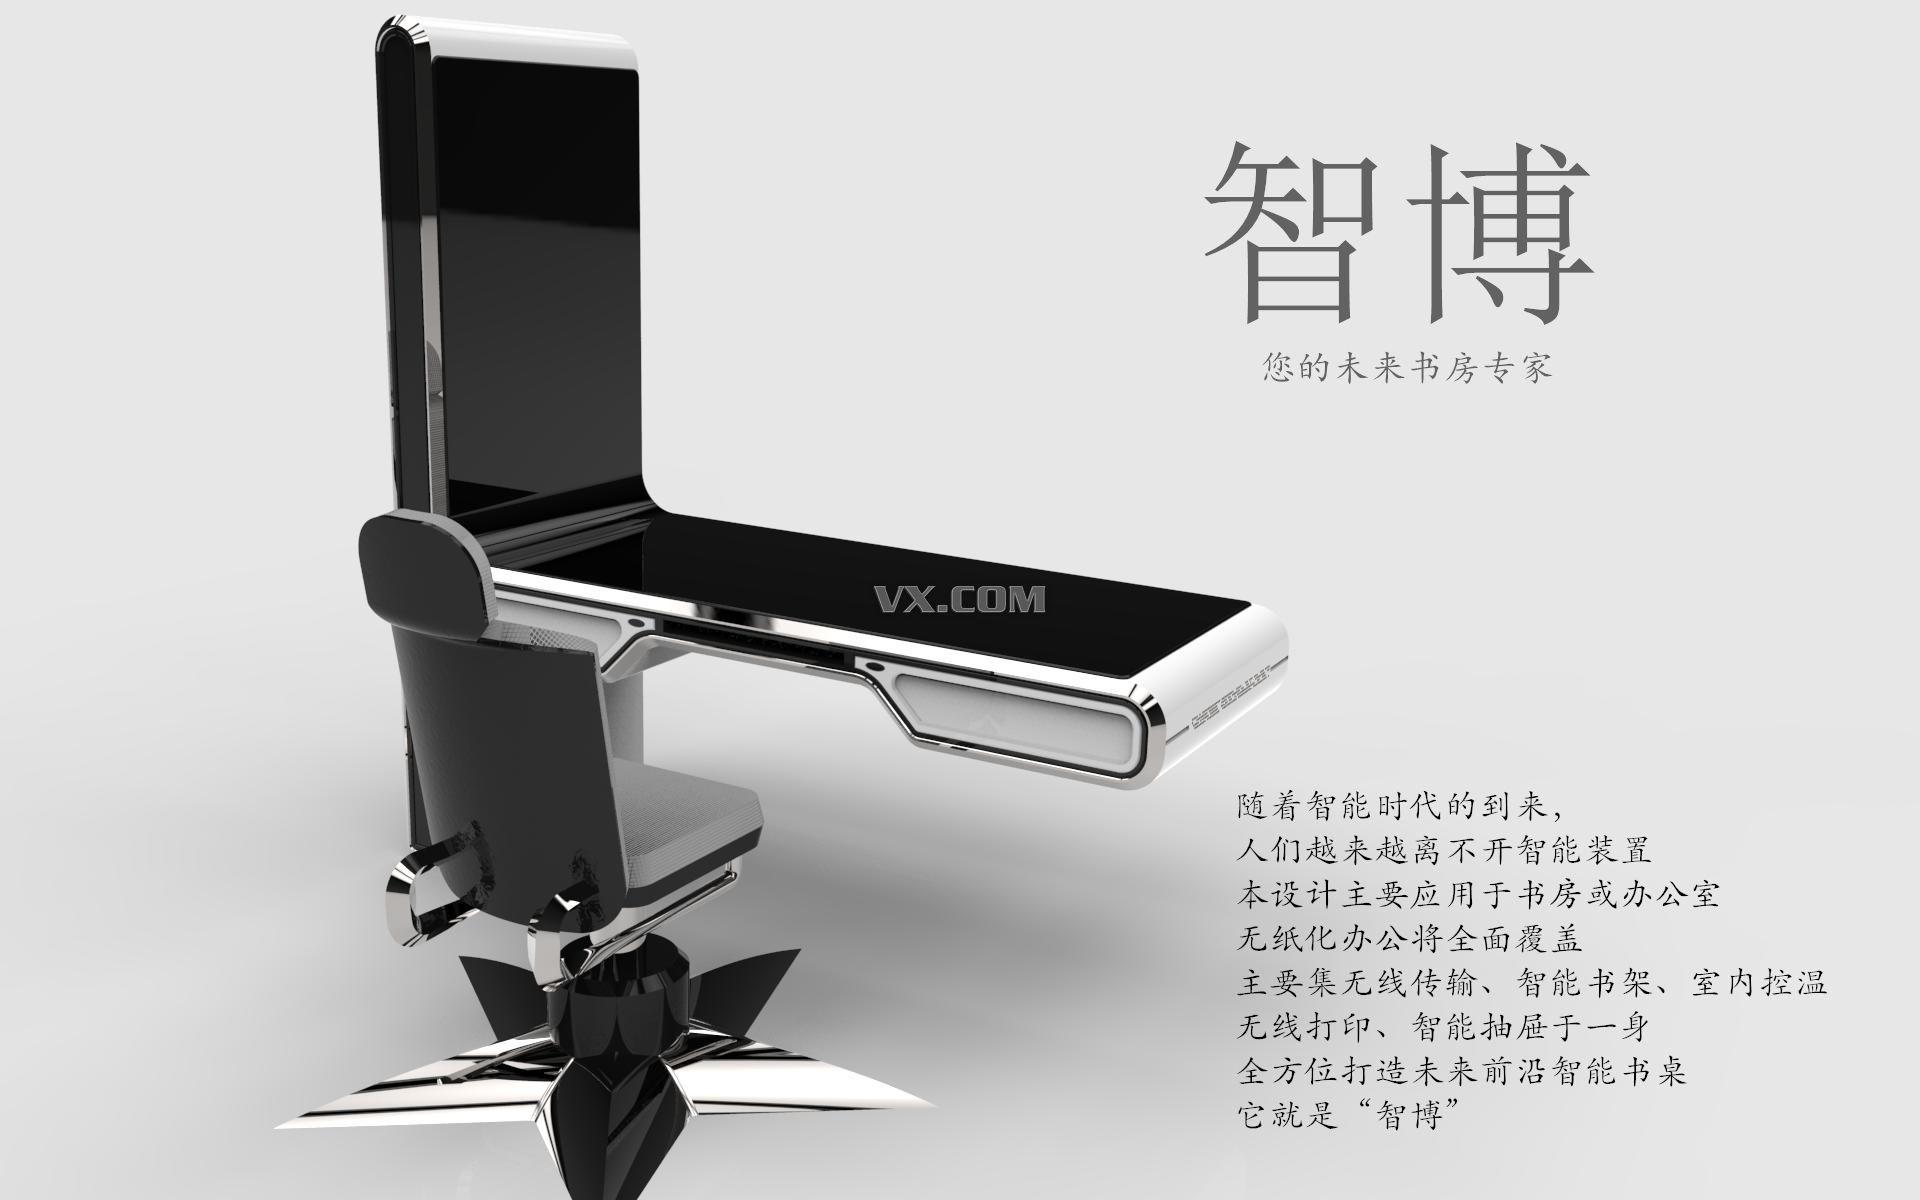 环球设计大赛得奖者王登宇专访:分享是学习的动力